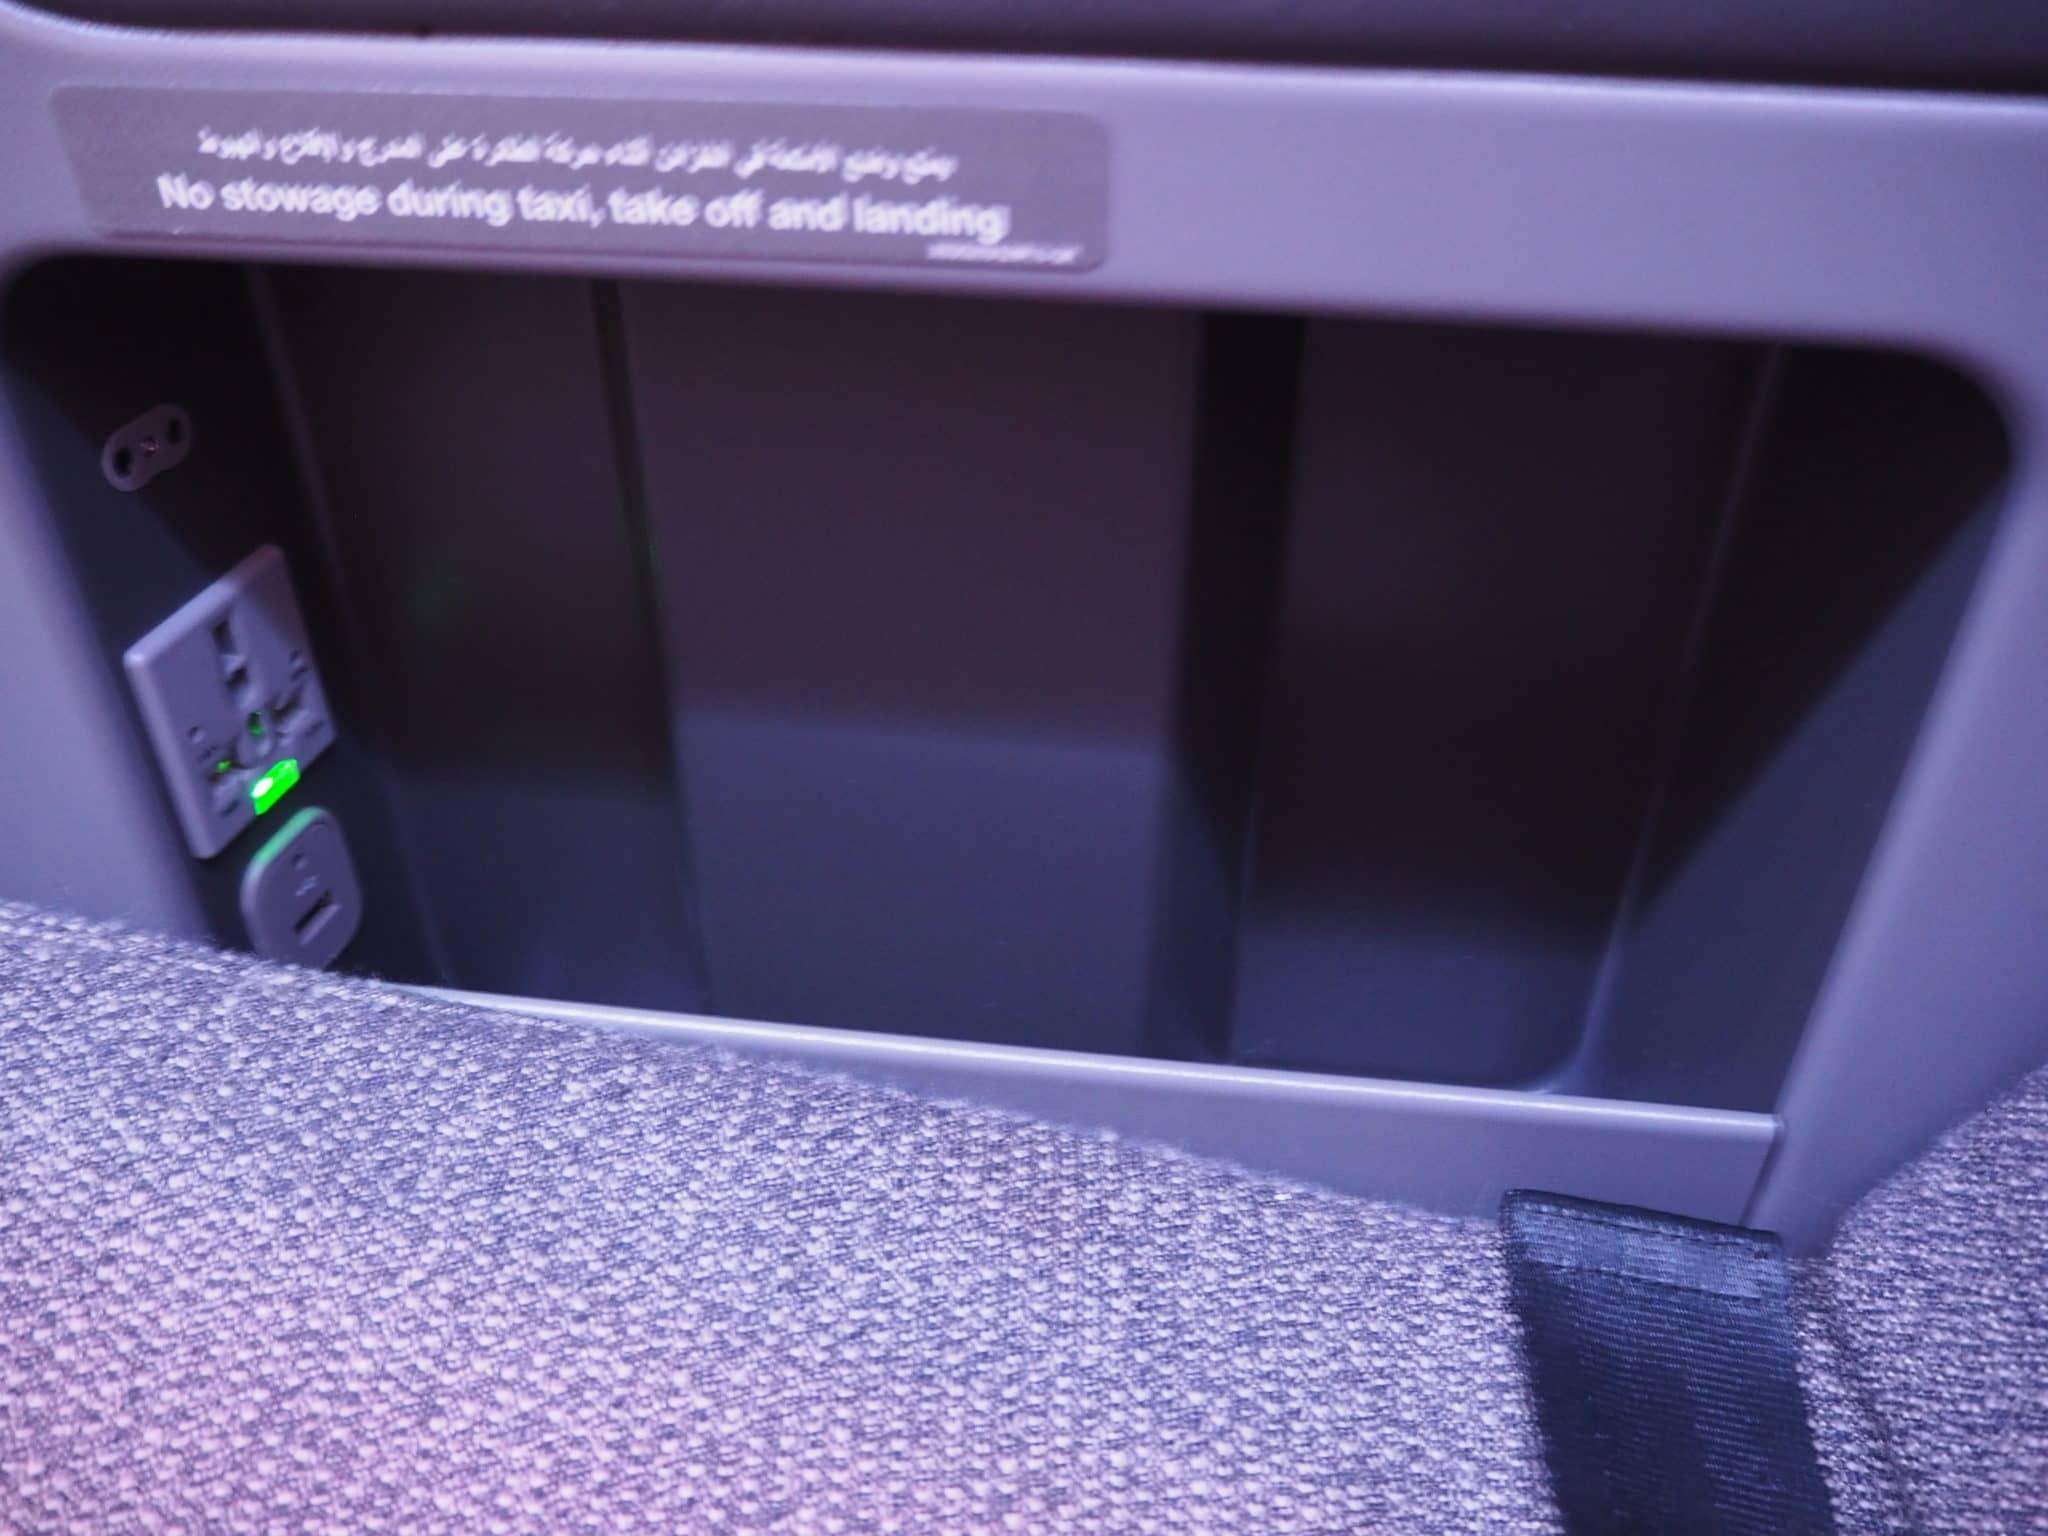 Anschlüsse an Bord des LATAM Business Class A350-900 XWB